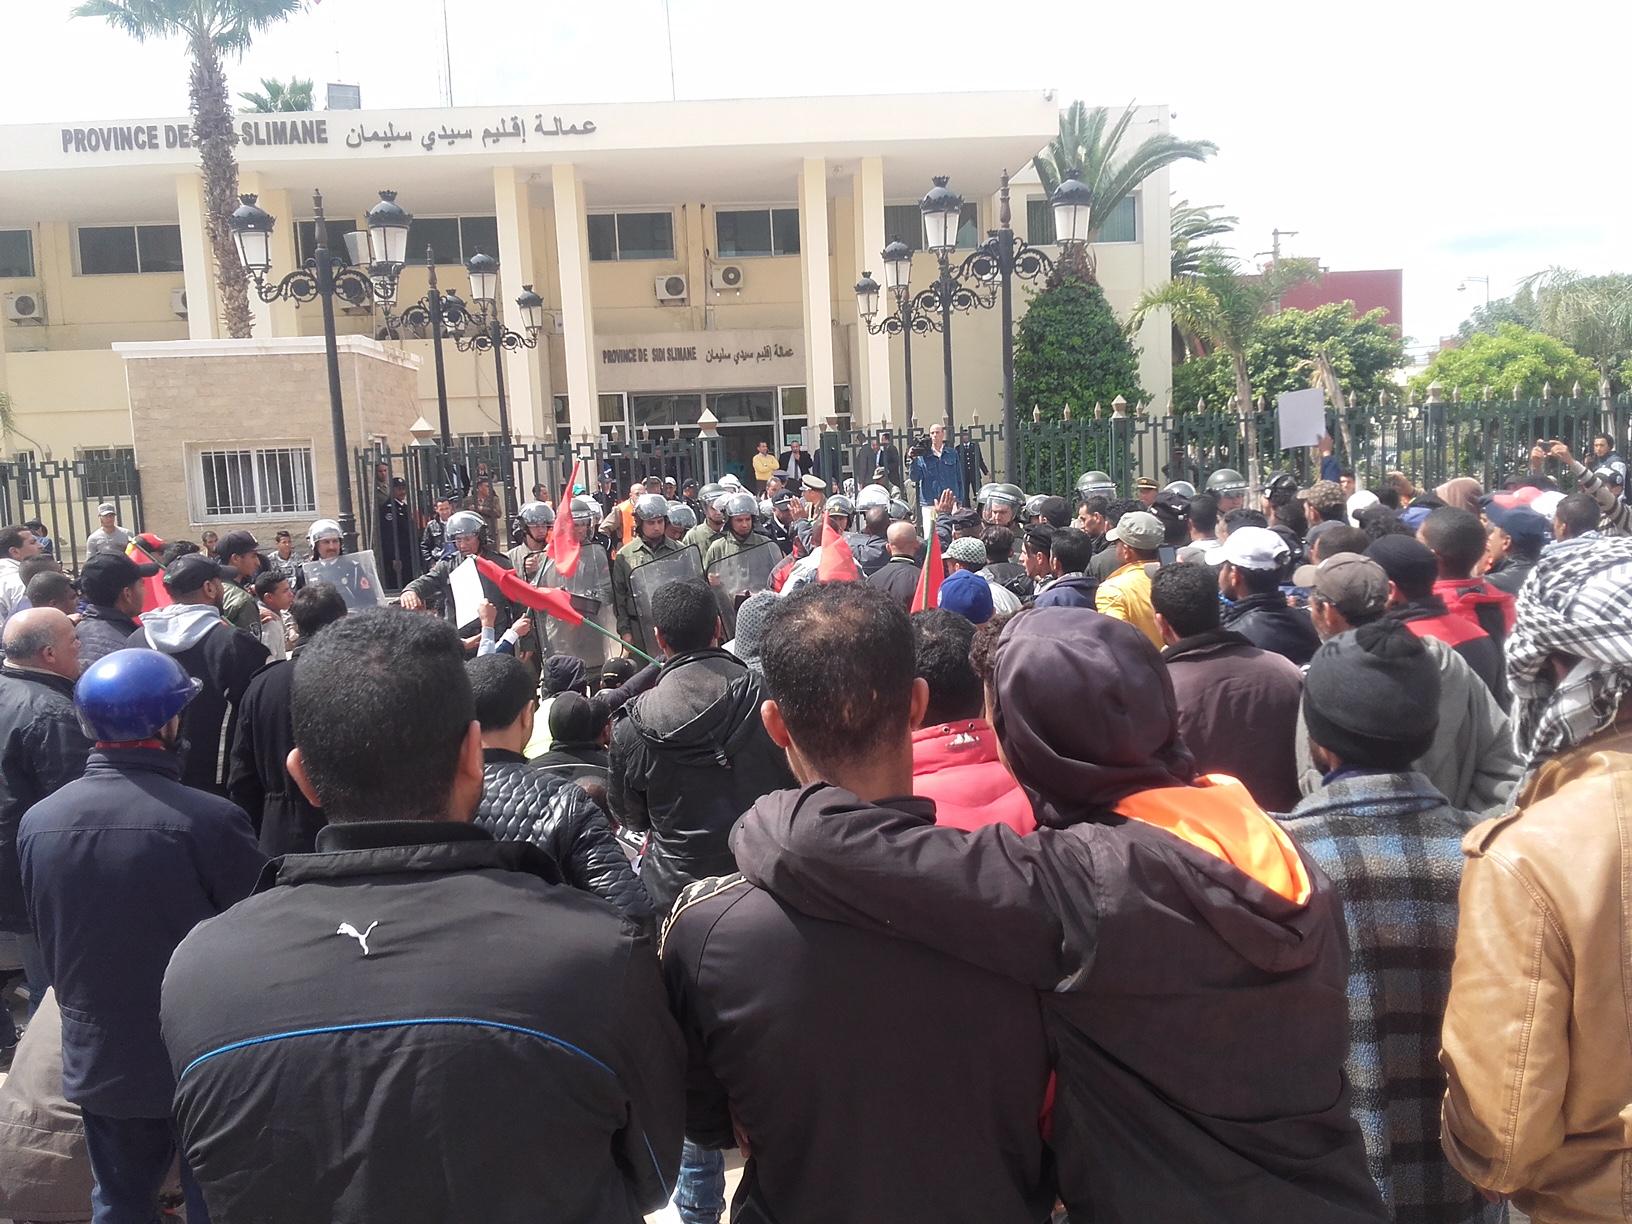 هكذا تسبب ضعف أداء مسؤولي إقليم سيدي سليمان في ارتفاع مؤشري العطالة والإجرام